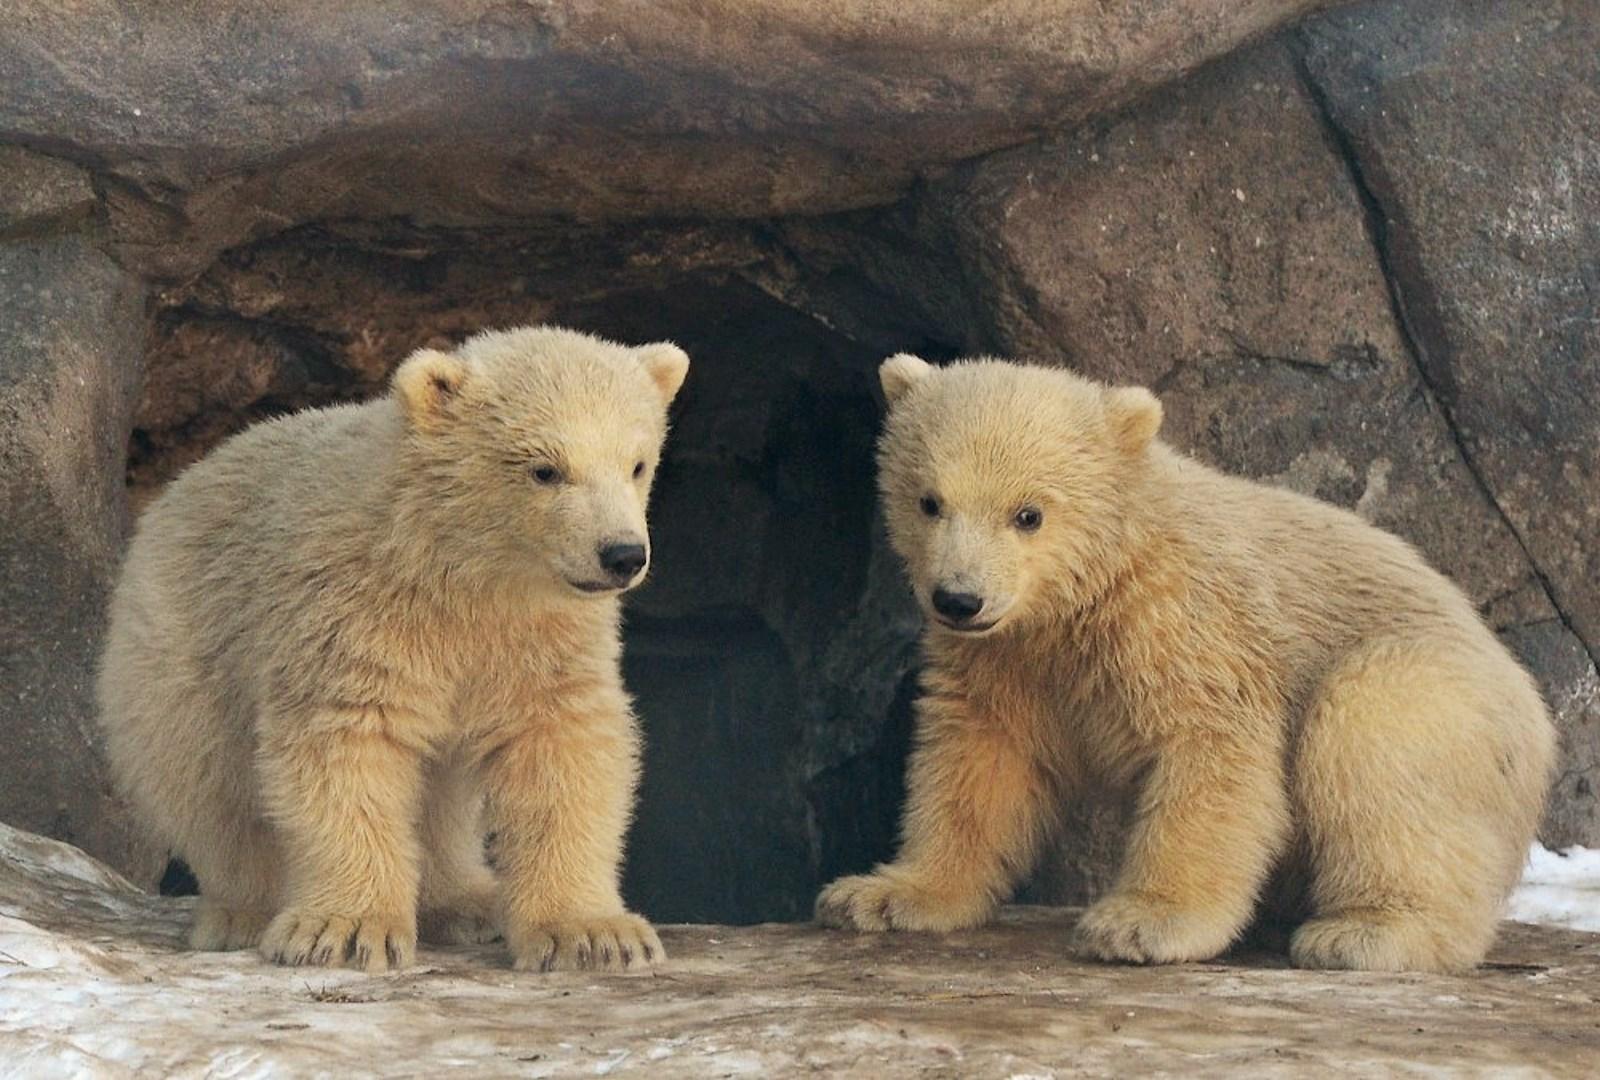 00 Polar bear cubs. Moscow Zoopark 07. Russia. 26.02.15